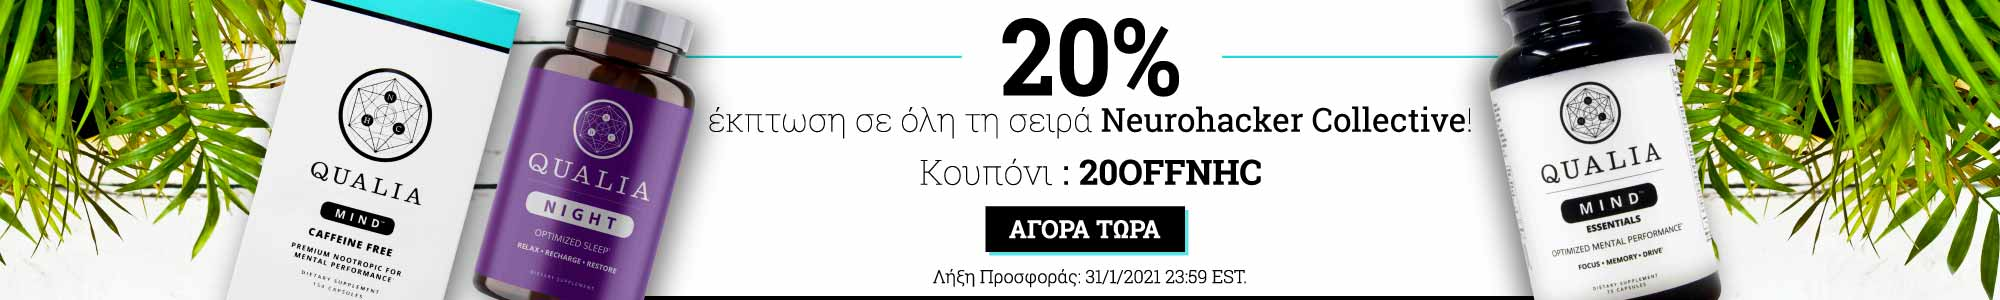 20% Έκπτωση σε όλη τη σειρά Neurohacker Collective. Κουπόνι: 20offnhc Αγορά τώρα. Λήξη προσφοράς: 31/01/2021.